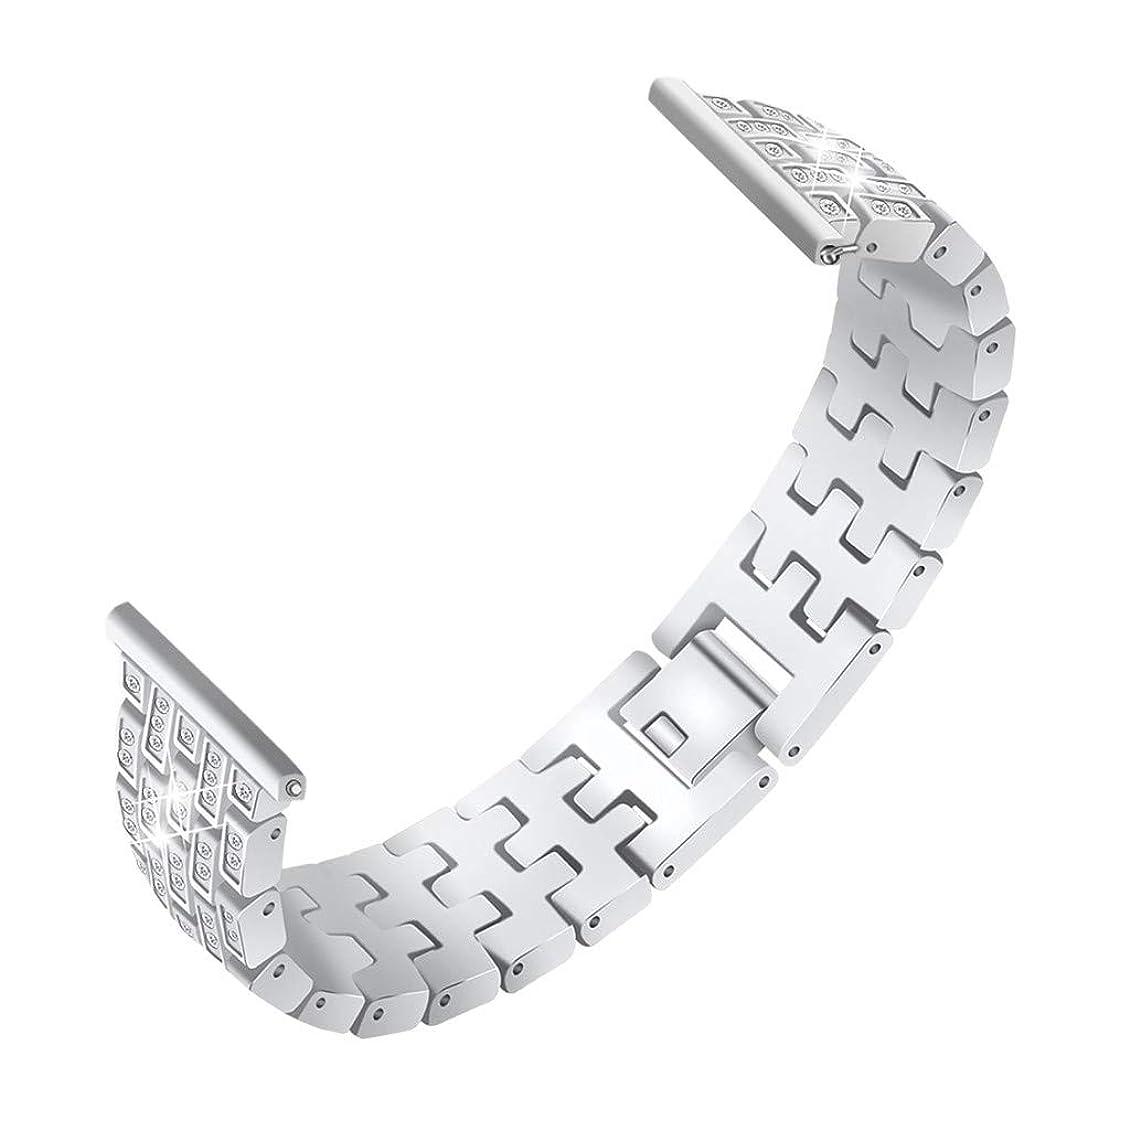 ずらすアクセスできない増幅するSamsung Galaxy Watch 42mm に対応リストバンド,女性女の子ダイヤモンドのラインストーンのきらめきのスポーツのリスト?ストラップ、金属のブレスレットの取り替えの革紐 (銀)